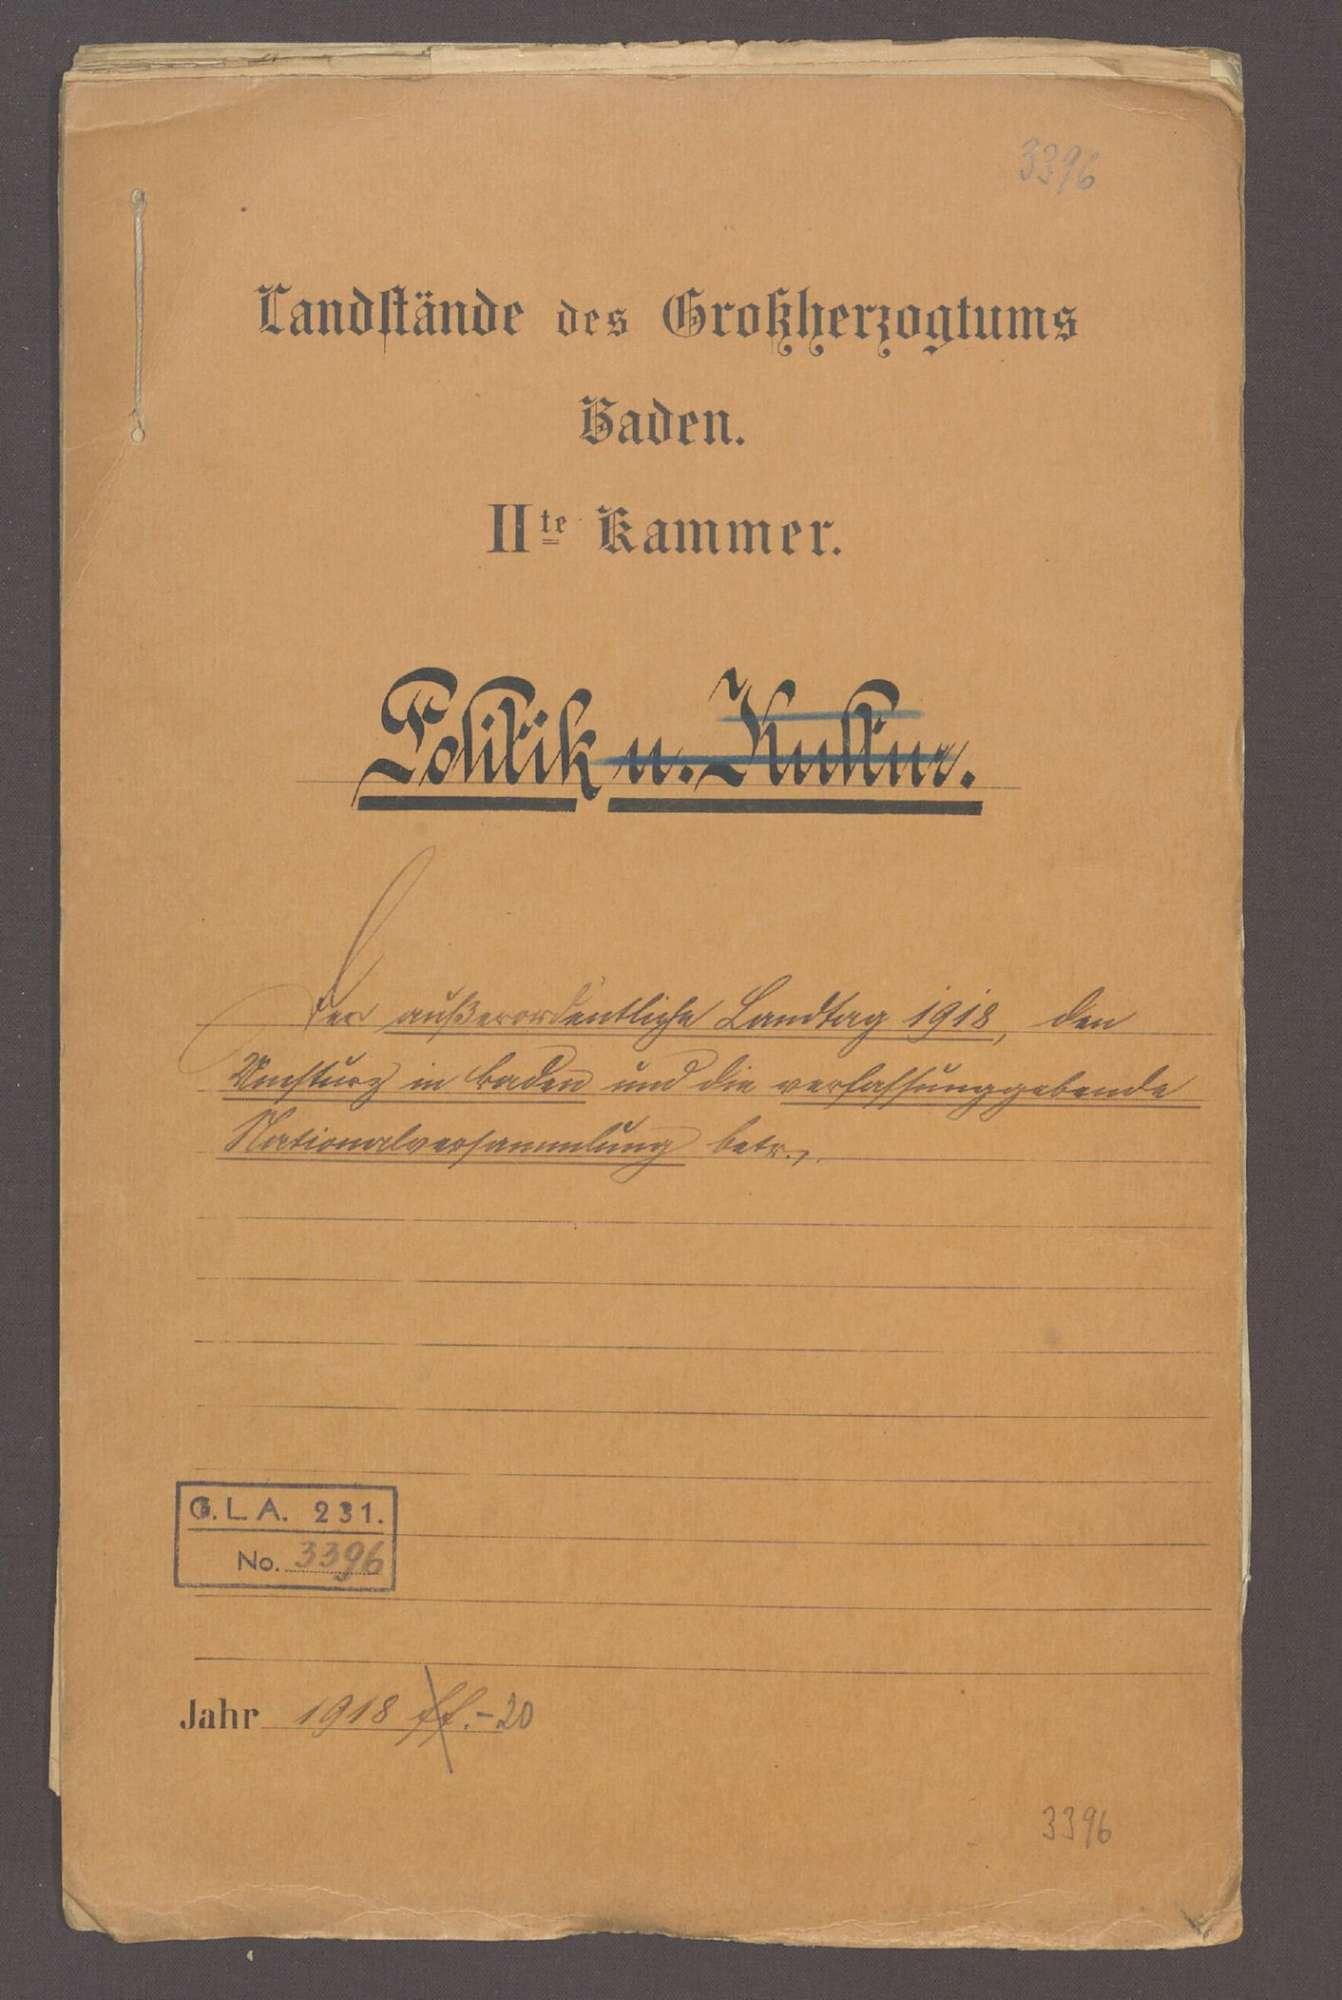 Der außerordentliche Landtag von 1918, der Umsturz in Baden und die verfassungsgebende Nationalversammlung, Bild 1